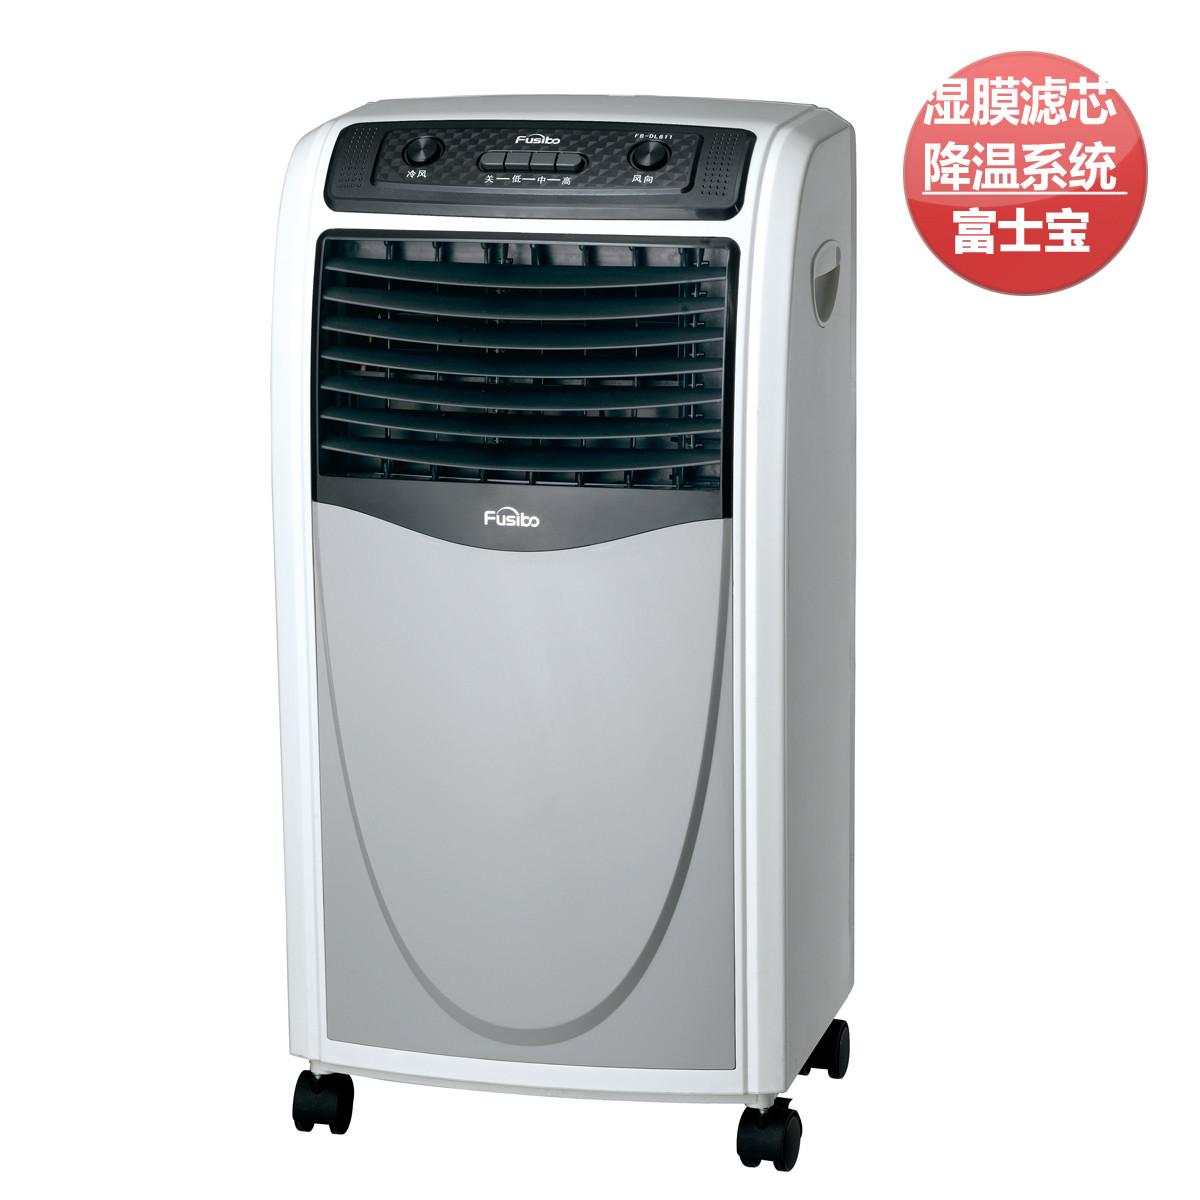 富士宝白色正常风档单冷型机械式冷风扇